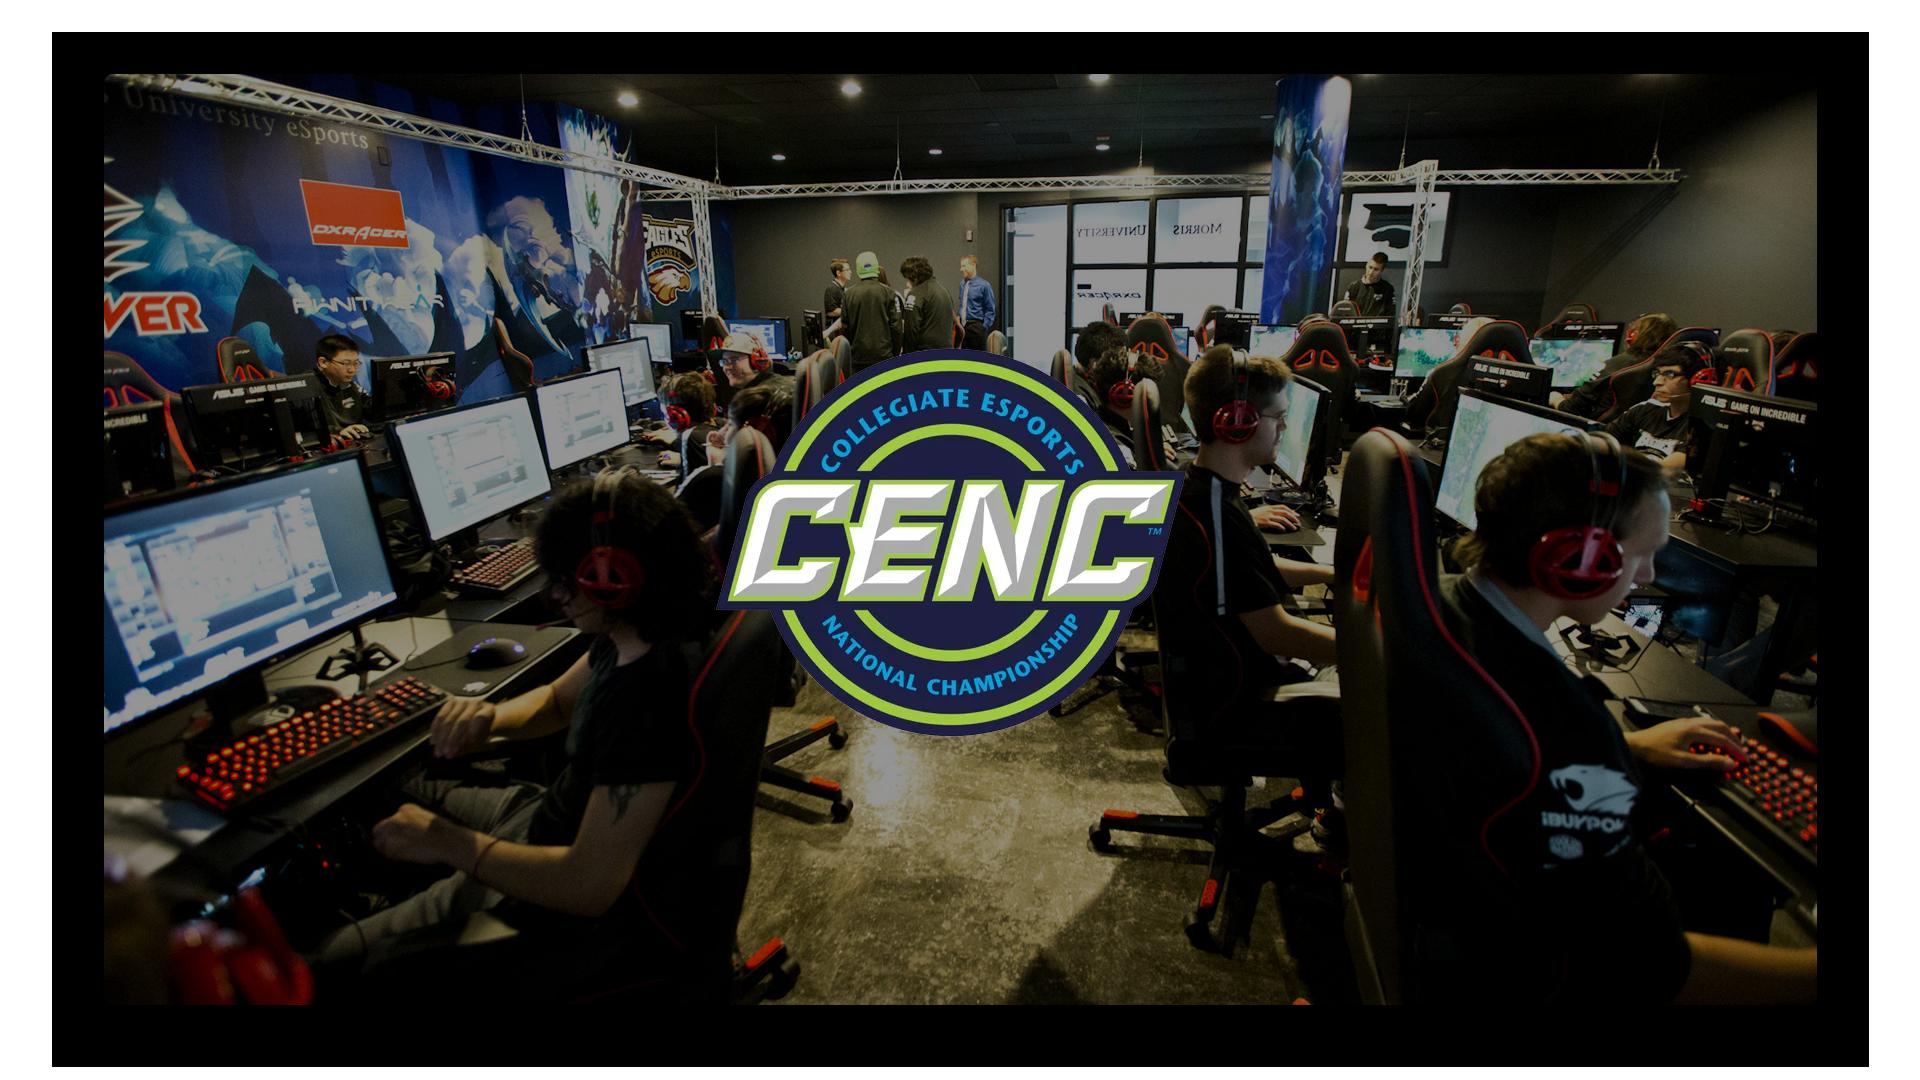 CENC gaming lounge wallpaper